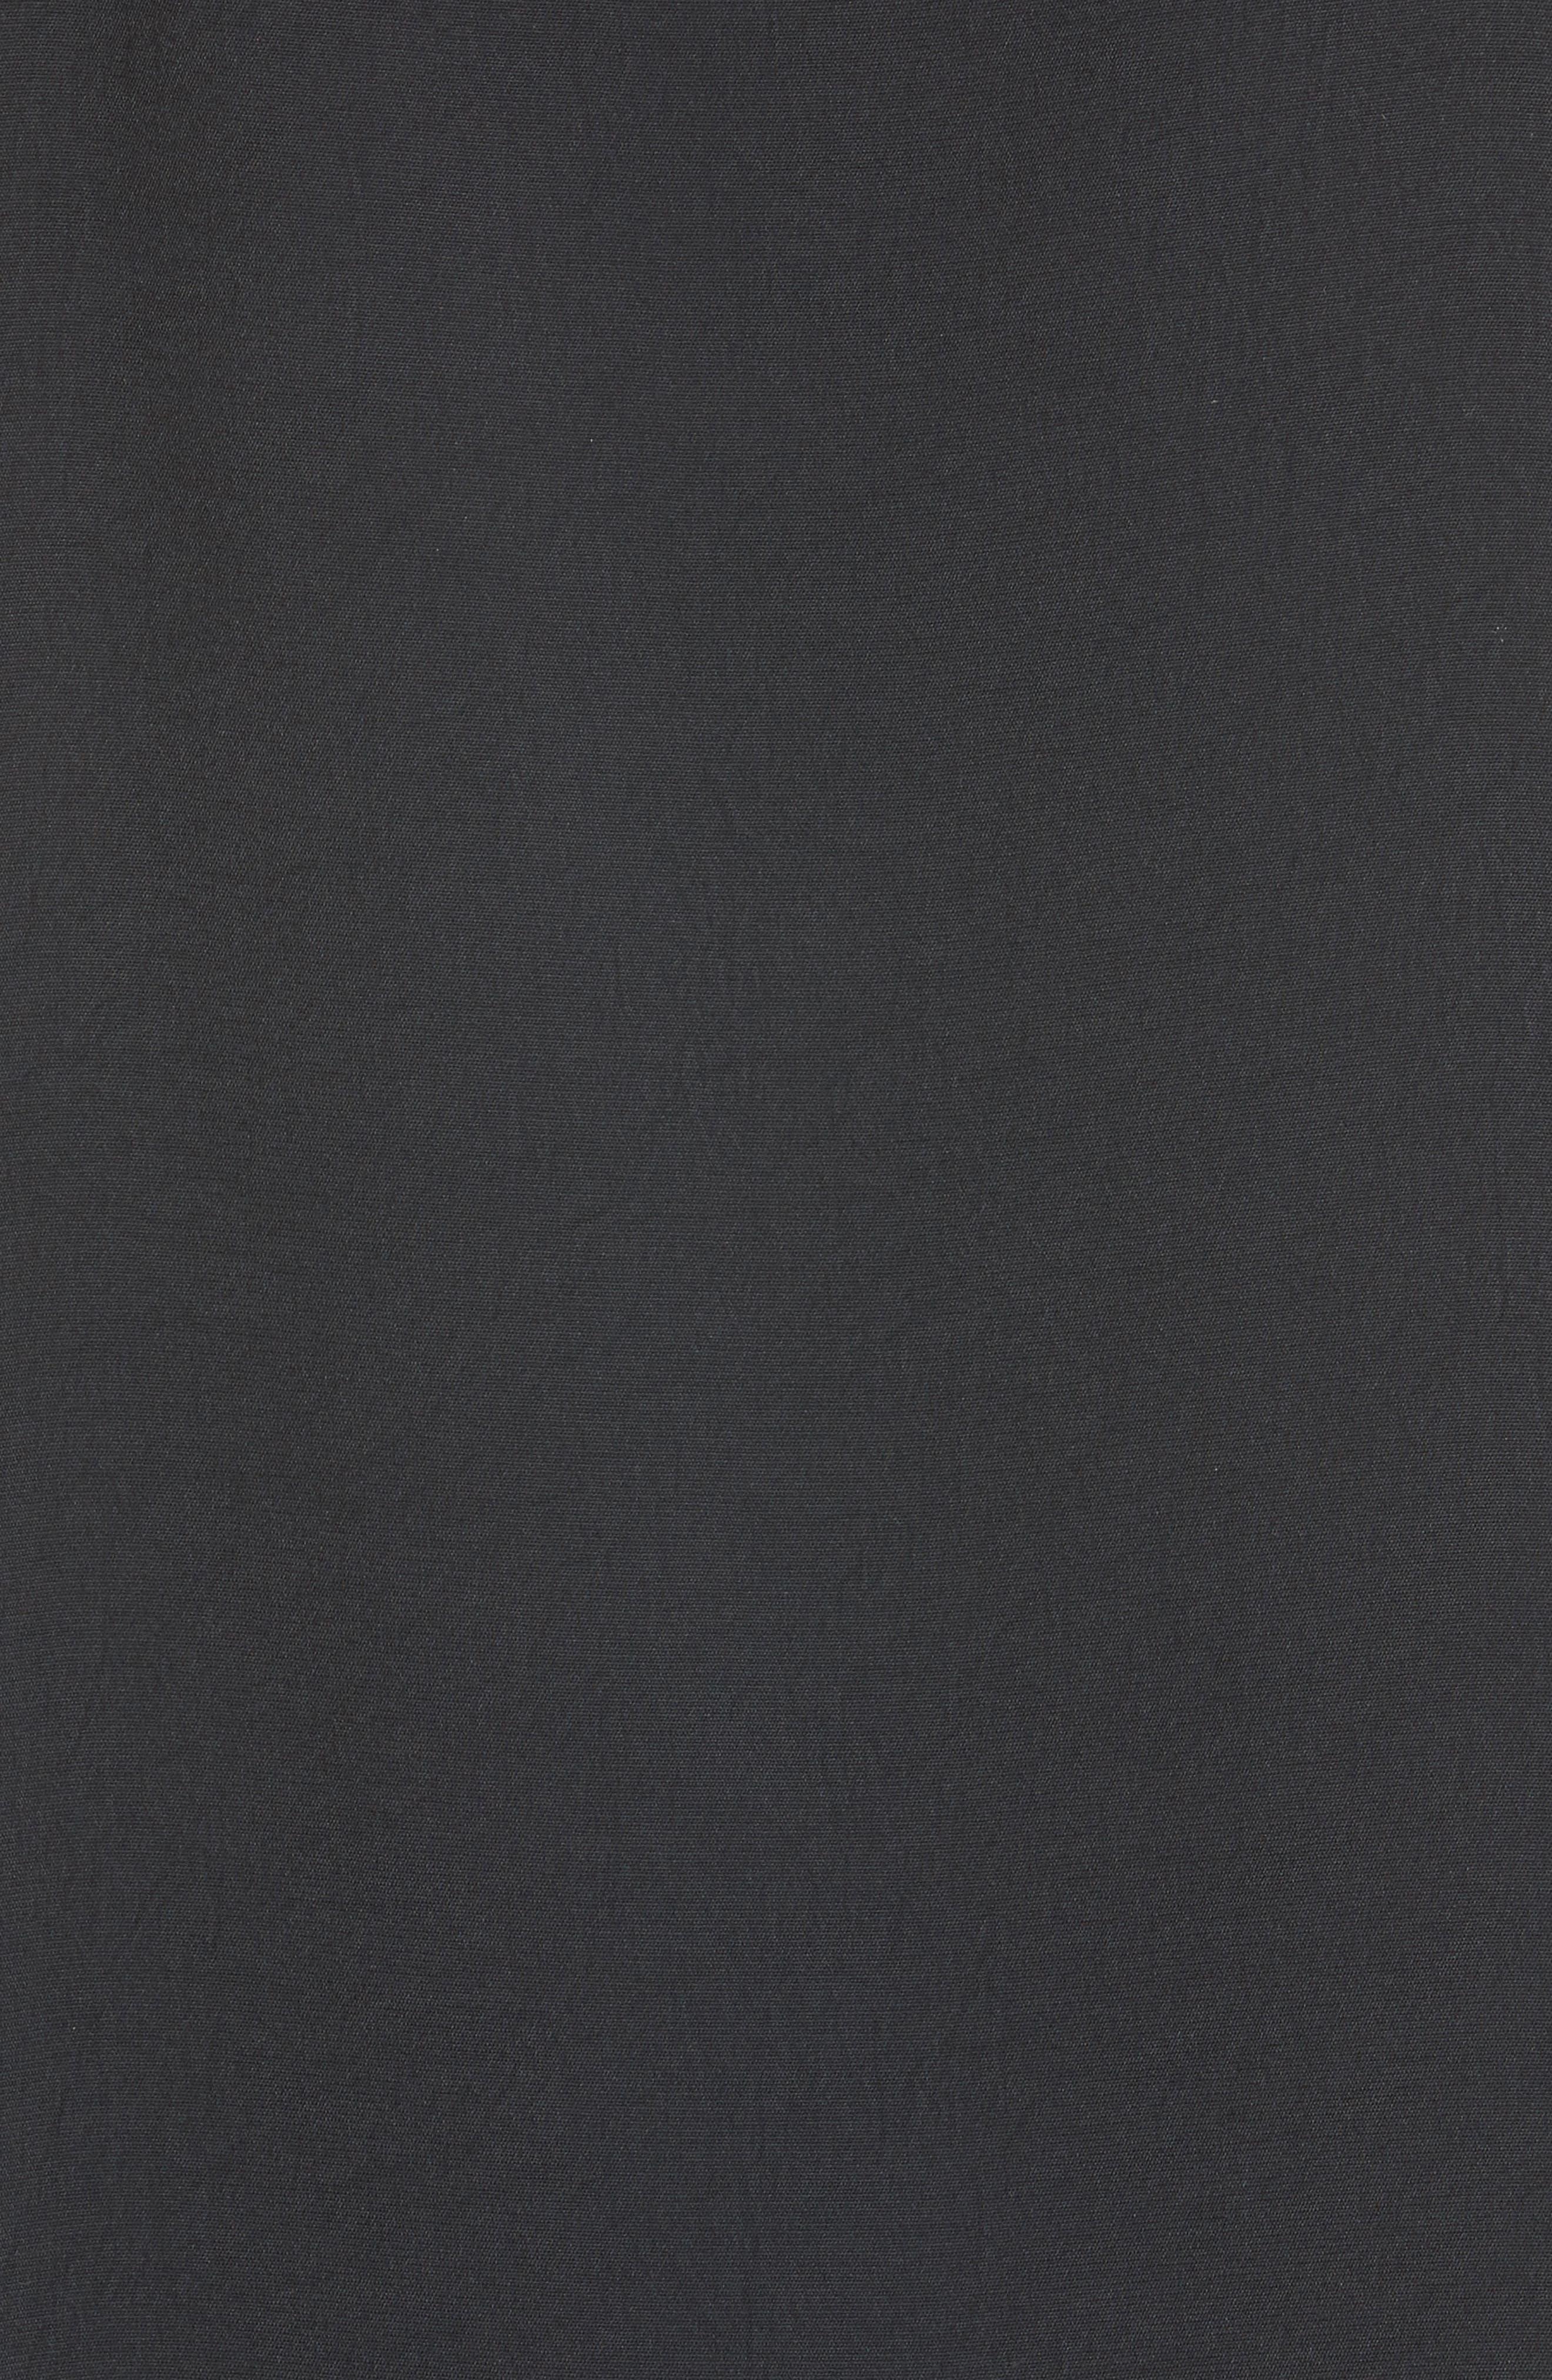 Cold Shoulder Suspender Shift Dress,                             Alternate thumbnail 5, color,                             001